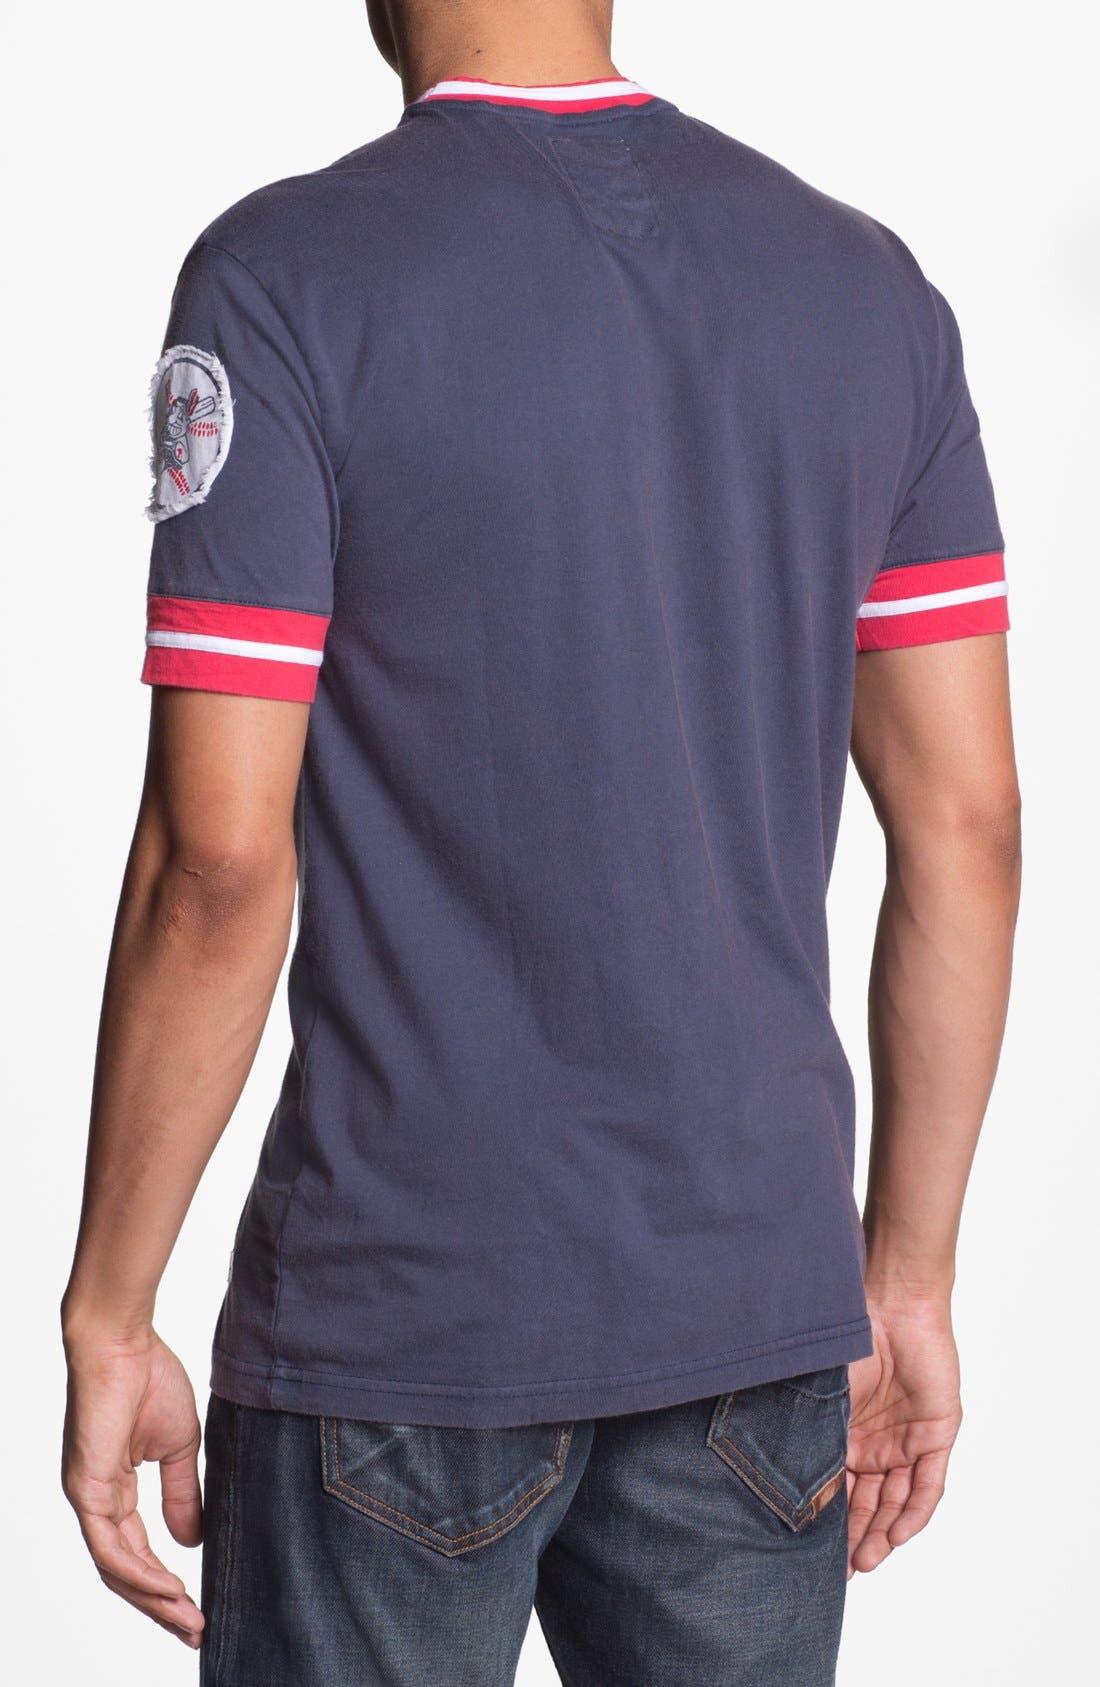 Alternate Image 2  - Red Jacket 'Cleveland Indians' Trim Fit Crewneck Ringer T-Shirt